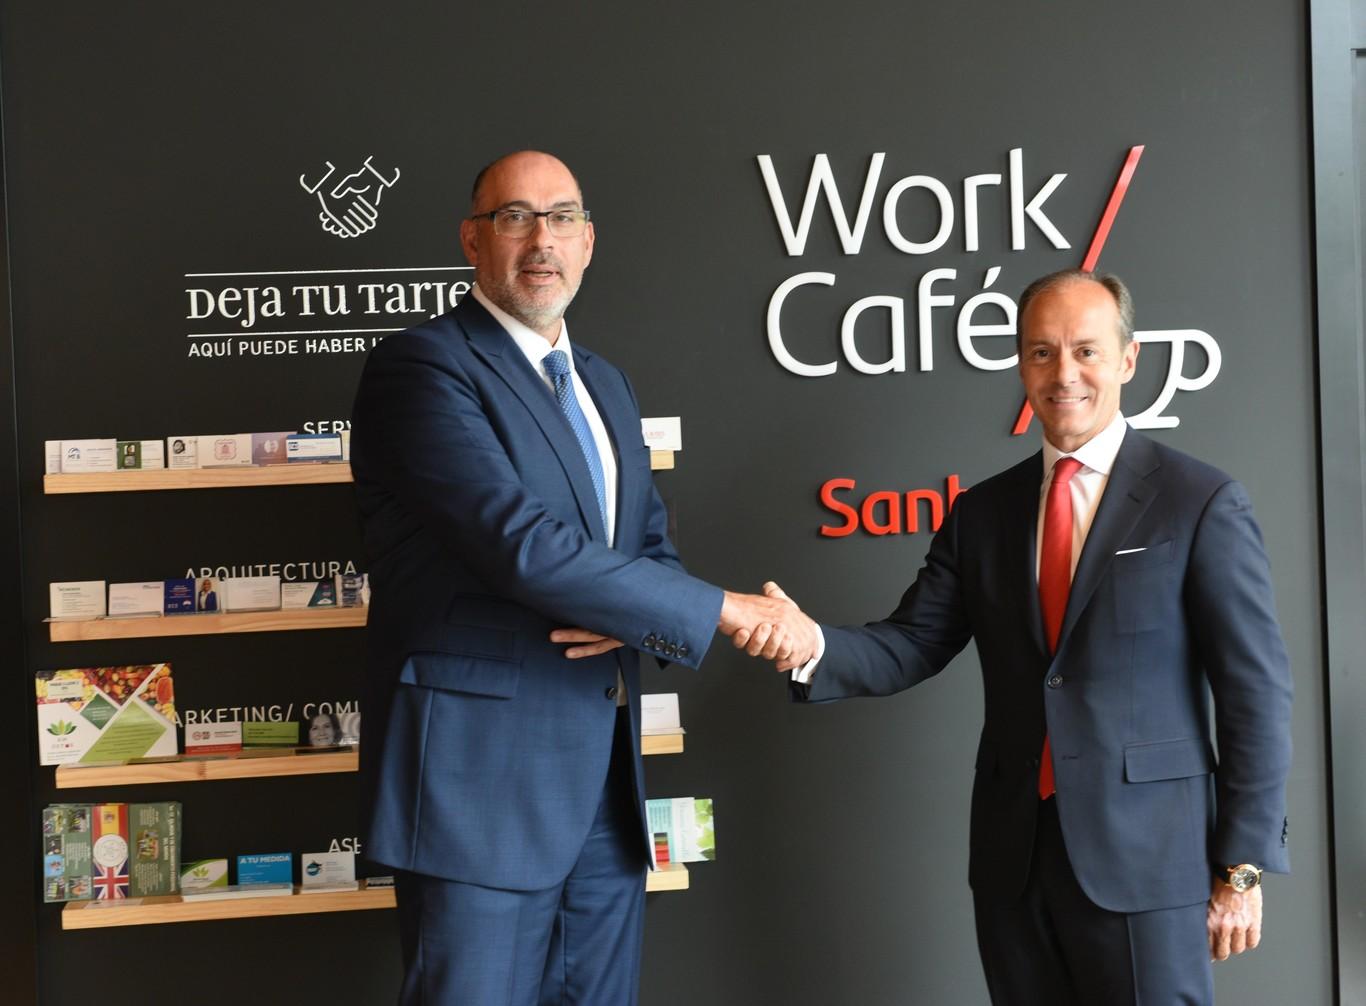 Telefónica y el Santander ponen en marcha la primera oficina Smart Red 5G en Alcobendas, que ya es ciudad piloto